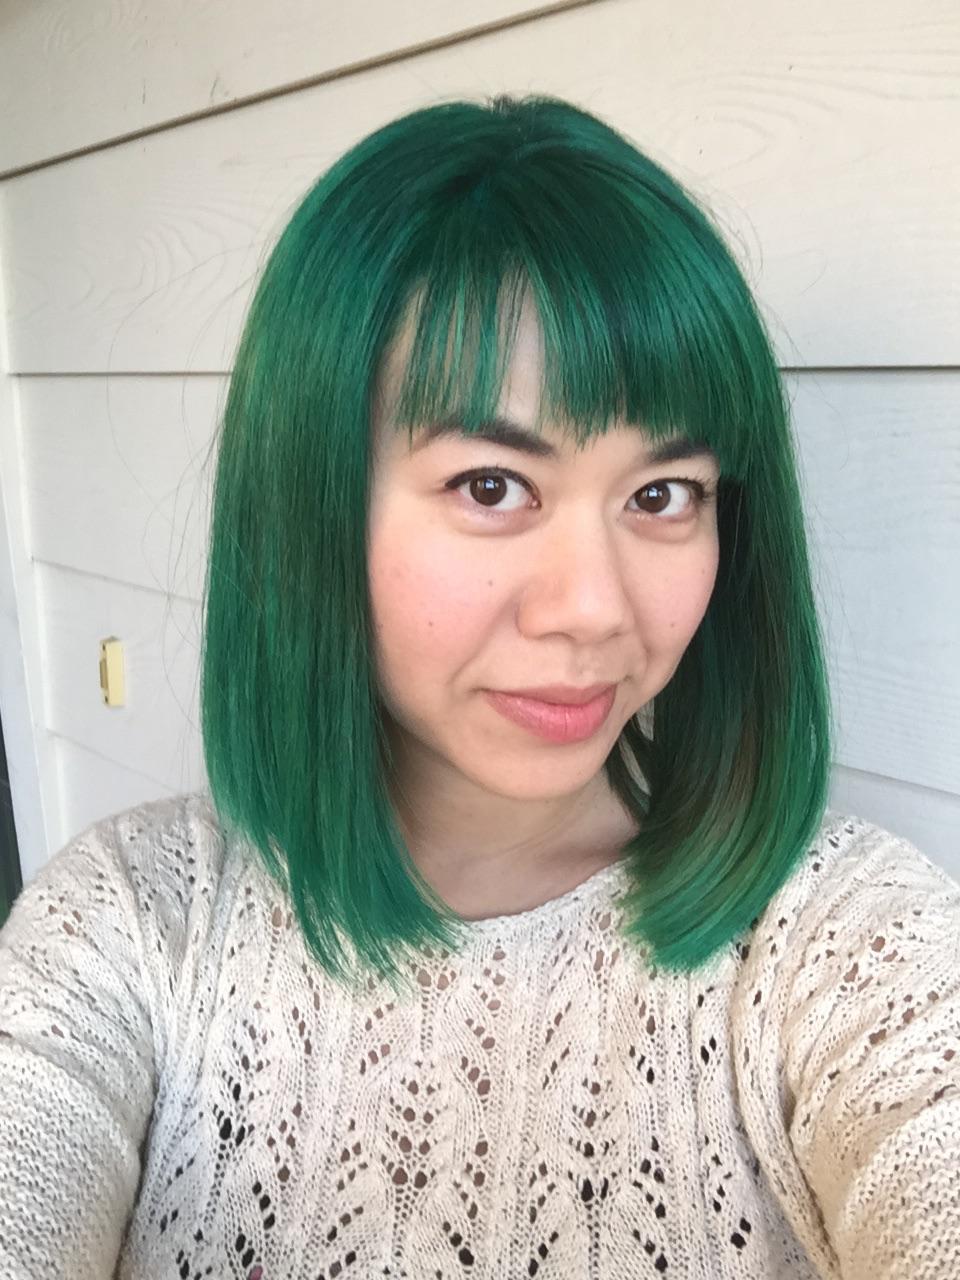 greenhair.jpg